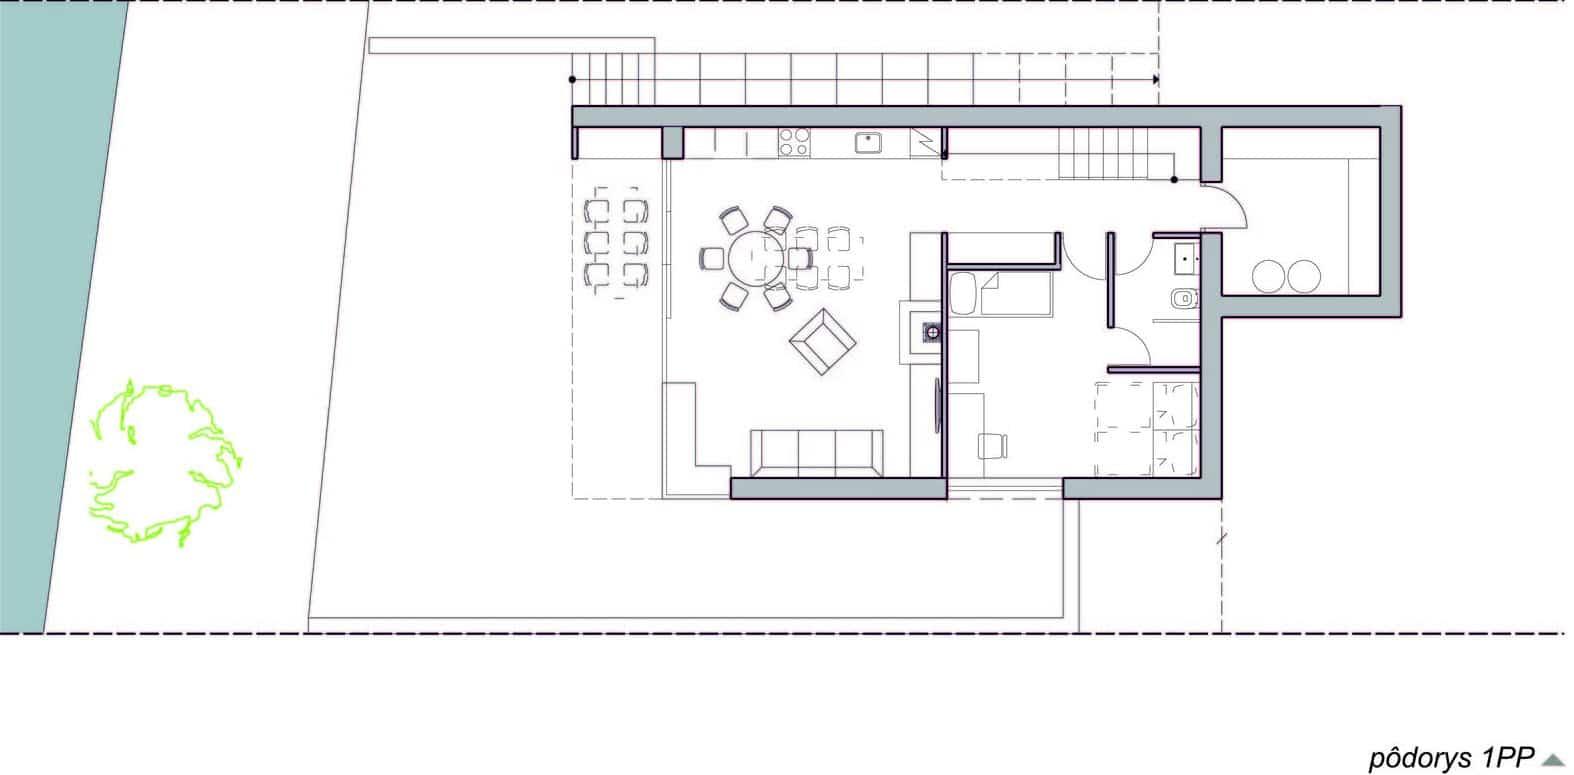 Dise o de casa de campo peque a con moderna estructura de - Planos cocinas pequenas ...